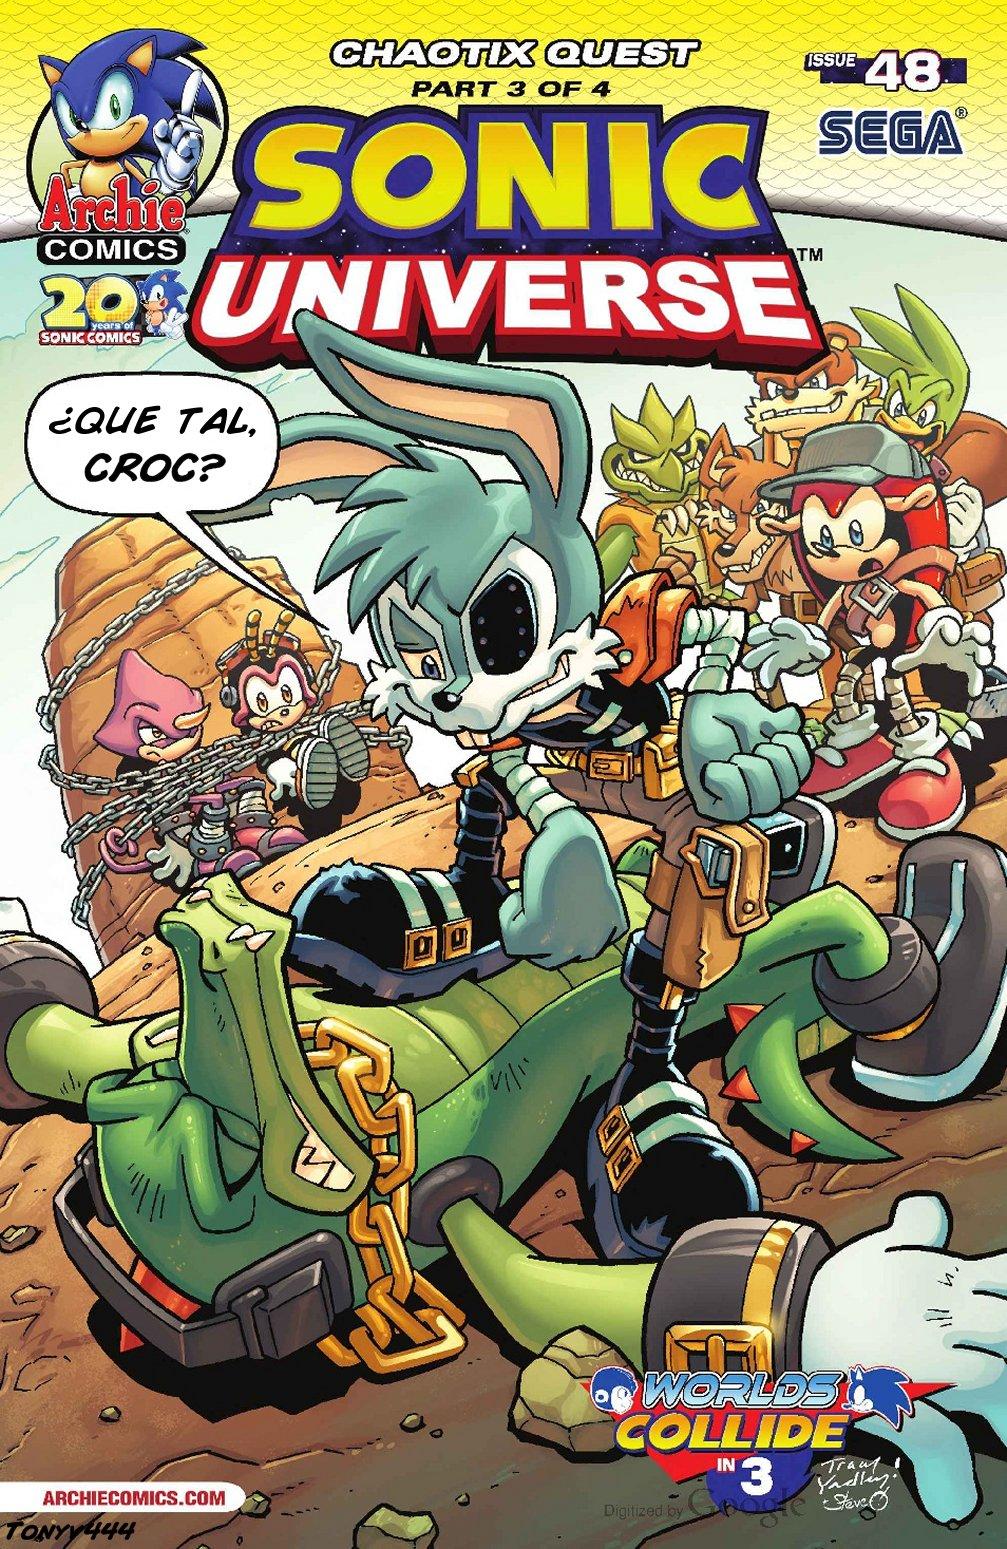 Actualización: 23/01/2018: Se agrega Sonic Universe #48 por Tonyv444 para The Tails Archive y La casita de Amy Rose. ¡Los Chaotix viajan por el mundo en busca de Mighty y Ray! El sendero los lleva a Sand Blast City y a las garras de los infames Sand Blasters. El caso toma un giro inesperado a medida que se hilan las mentiras y se traman mas planes. ¡Y Mighty toma una decisión de todo o nada!